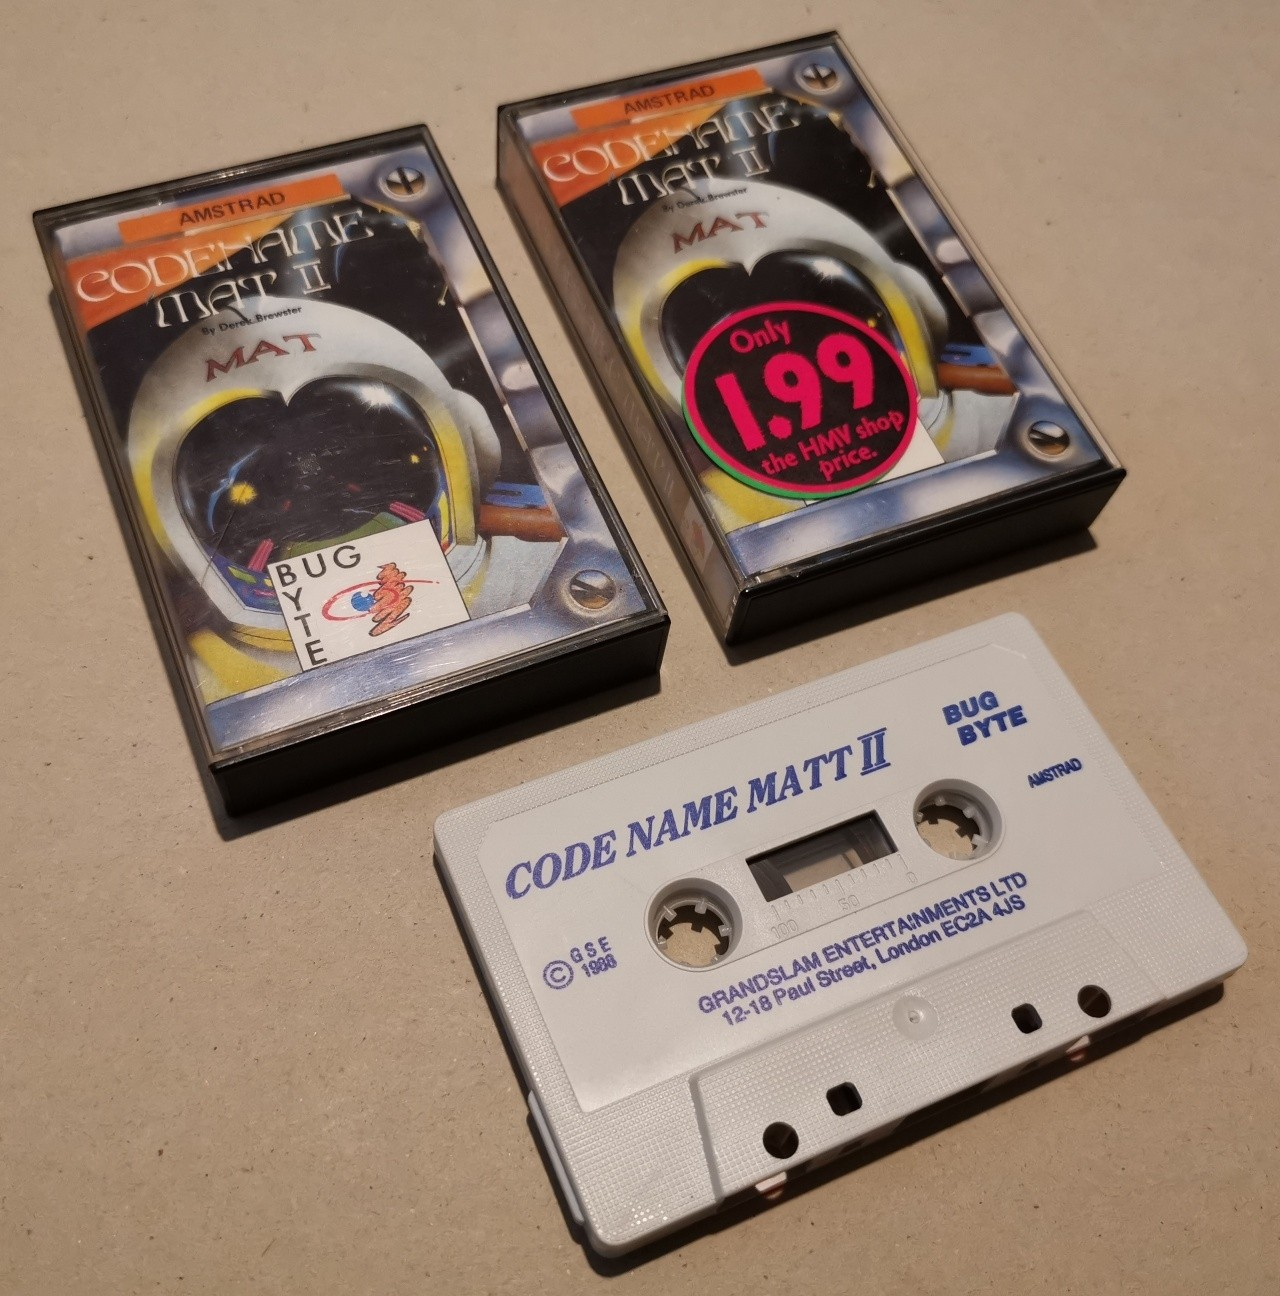 Codename Matt II - BugByte - CPC - Cassette -  NOS